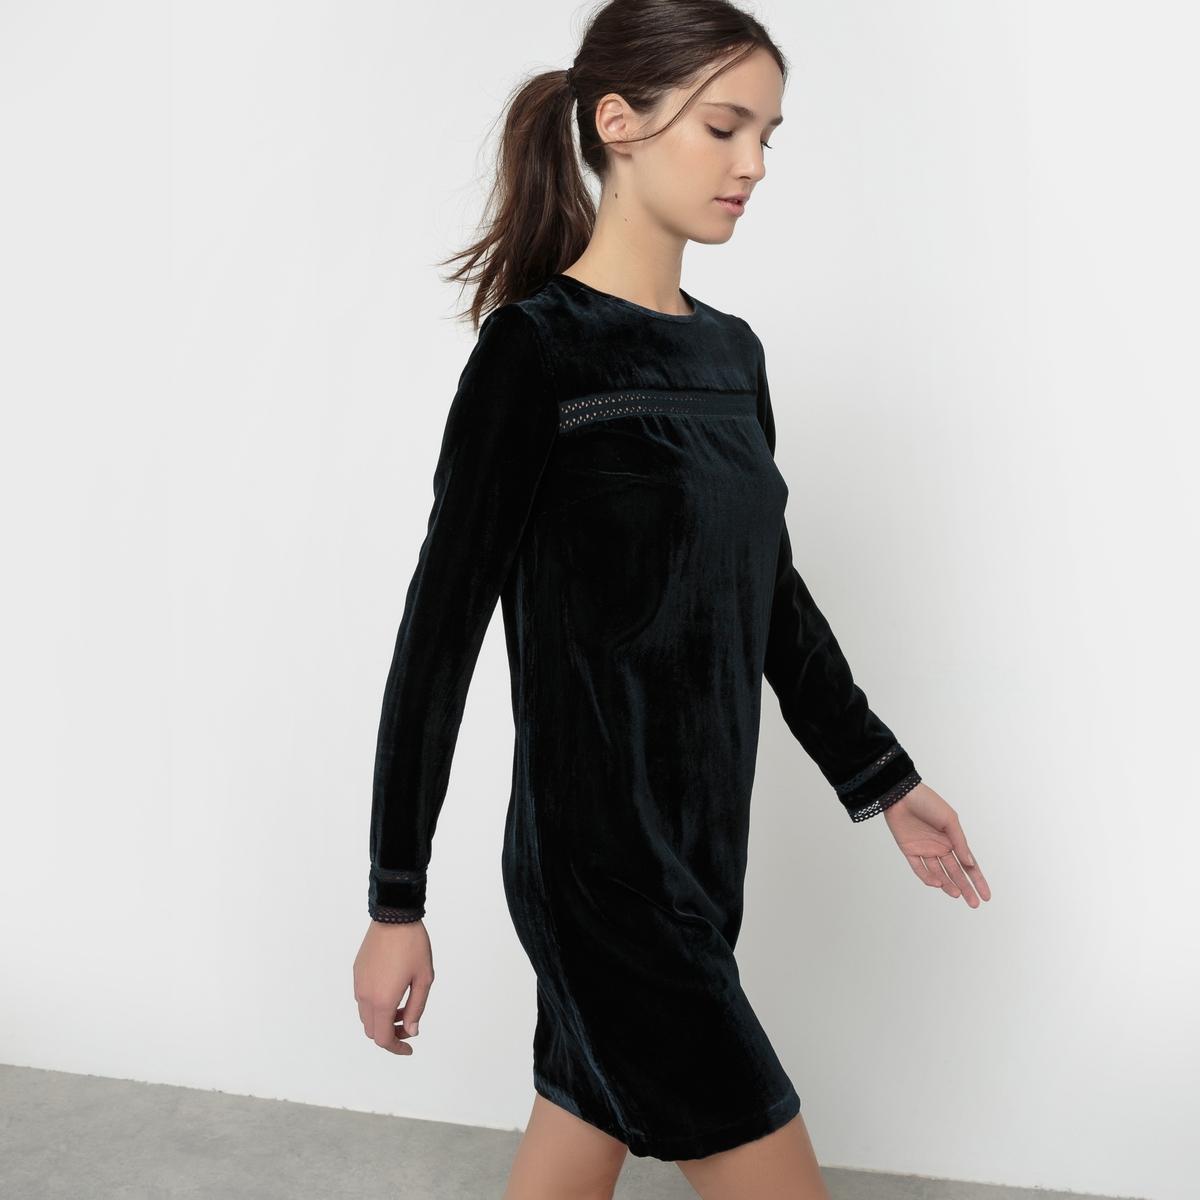 Платье велюровоеПлатье из велюра с легким блестящим эффектом. Прямой покрой. Длинные рукава. Круглый вырез. Разрез на пуговице сзади . Кружевная тесьма на груди спереди и внизу рукавов . Состав и описание Материал : 75% вискозы, 25% полиамидаДлина : 90 смМарка : Mademoiselle R.Уход:Машинная стирка при 30 °C на деликатном режиме Стирать с изнанки с одеждой подобного цвета Машинная сушка запрещена Гладить с изнанки на очень низкой температуре<br><br>Цвет: темно-синий<br>Размер: 44 (FR) - 50 (RUS)